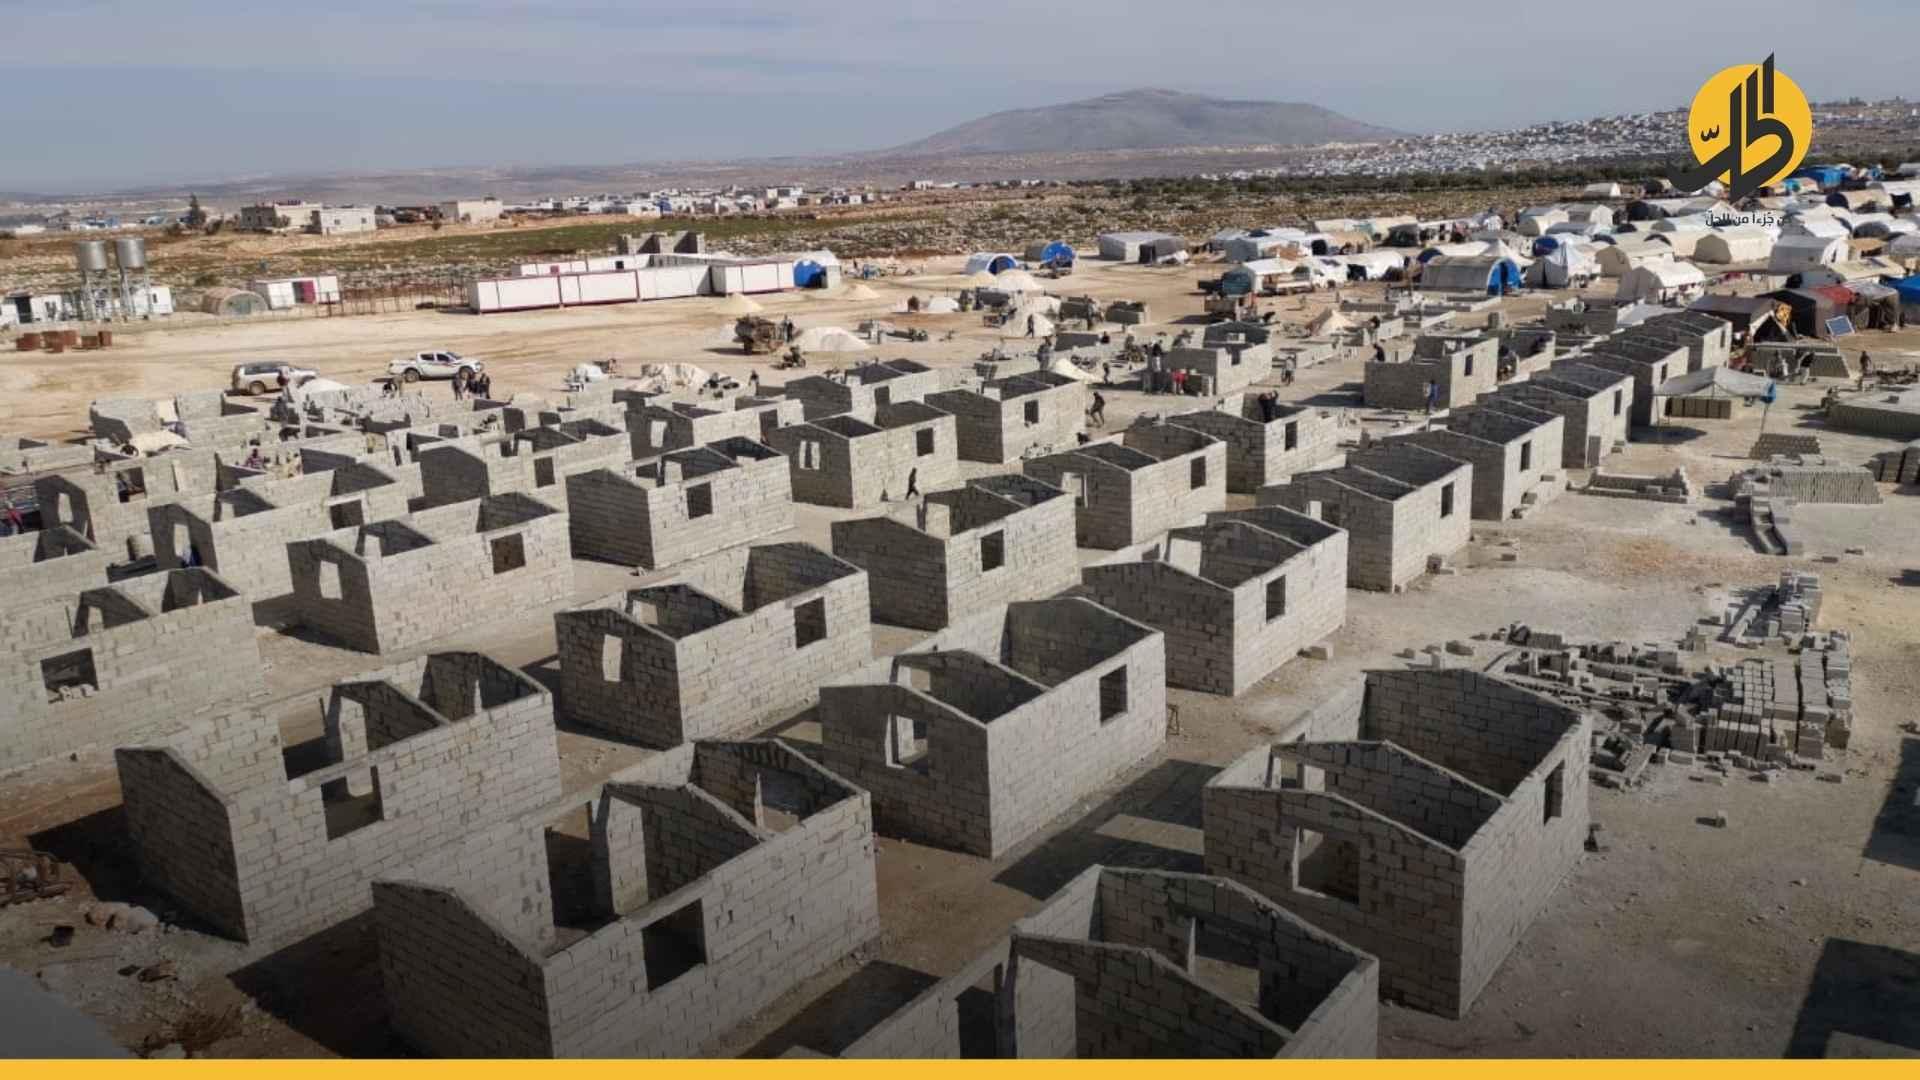 اتهامات للكويت بدعم عمليات تغيير ديمغرافي في سوريا